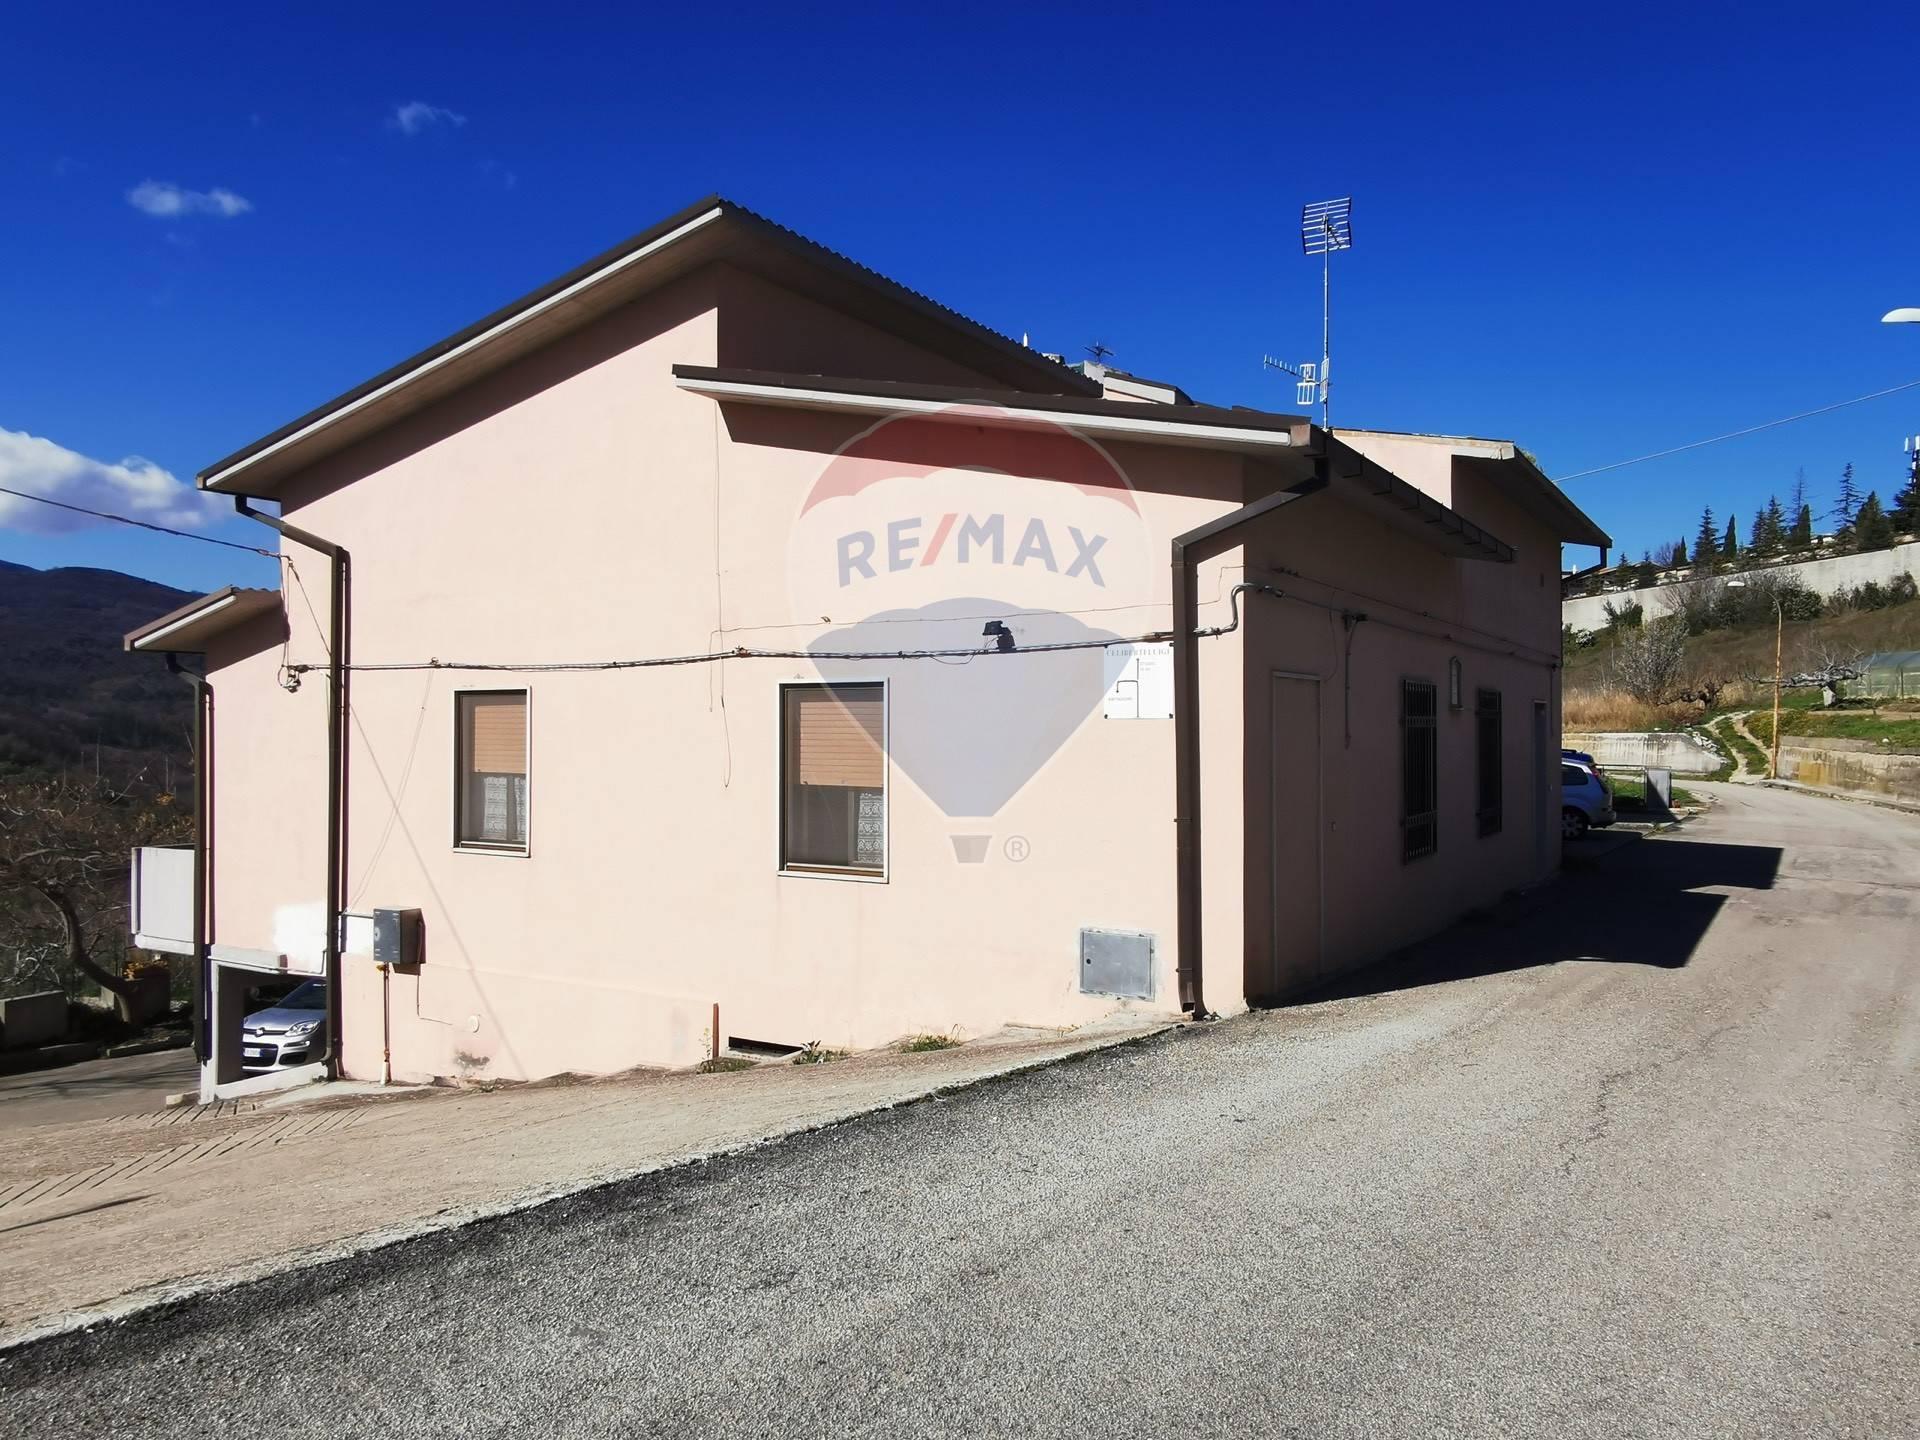 Soluzione Semindipendente in vendita a Atessa, 5 locali, prezzo € 140.000 | CambioCasa.it